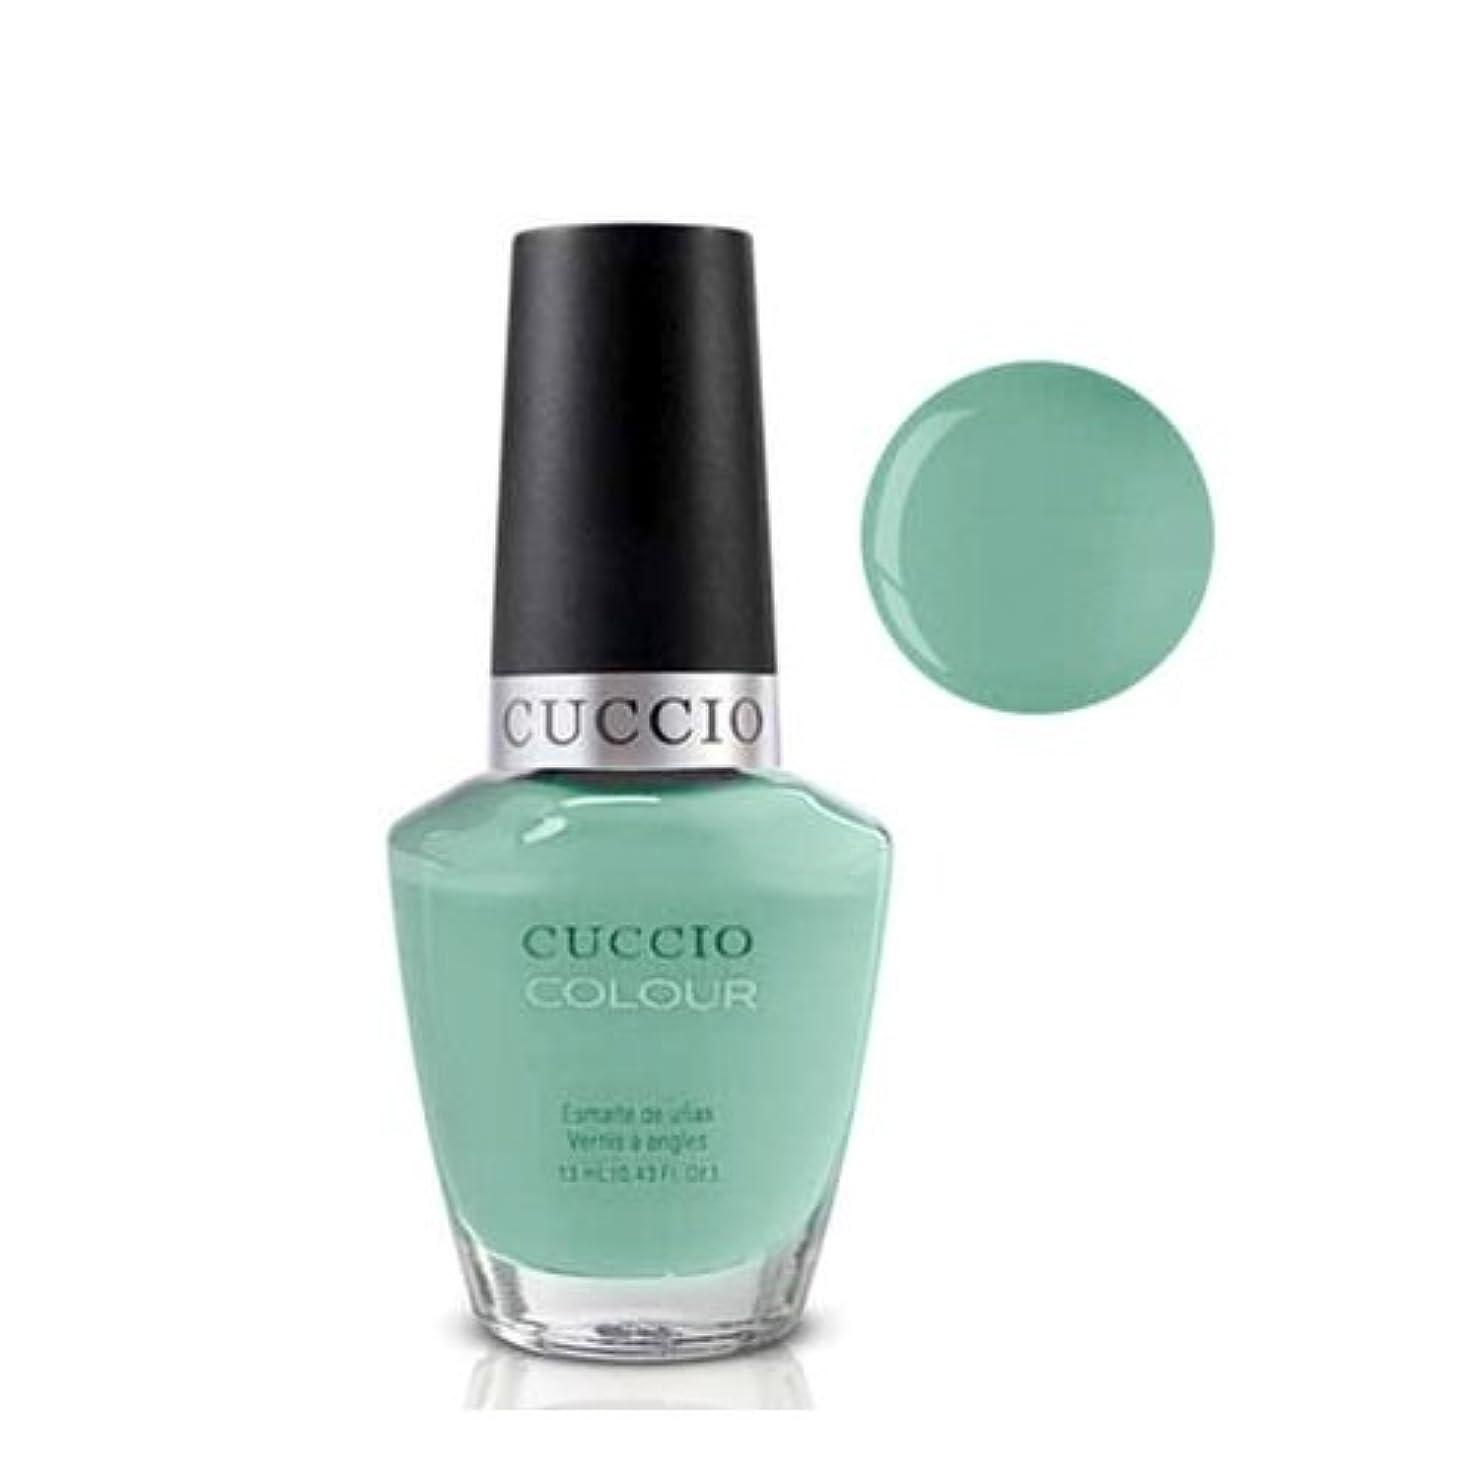 ジャニススペード依存するCuccio Colour Gloss Lacquer - Karma - 0.43oz / 13ml